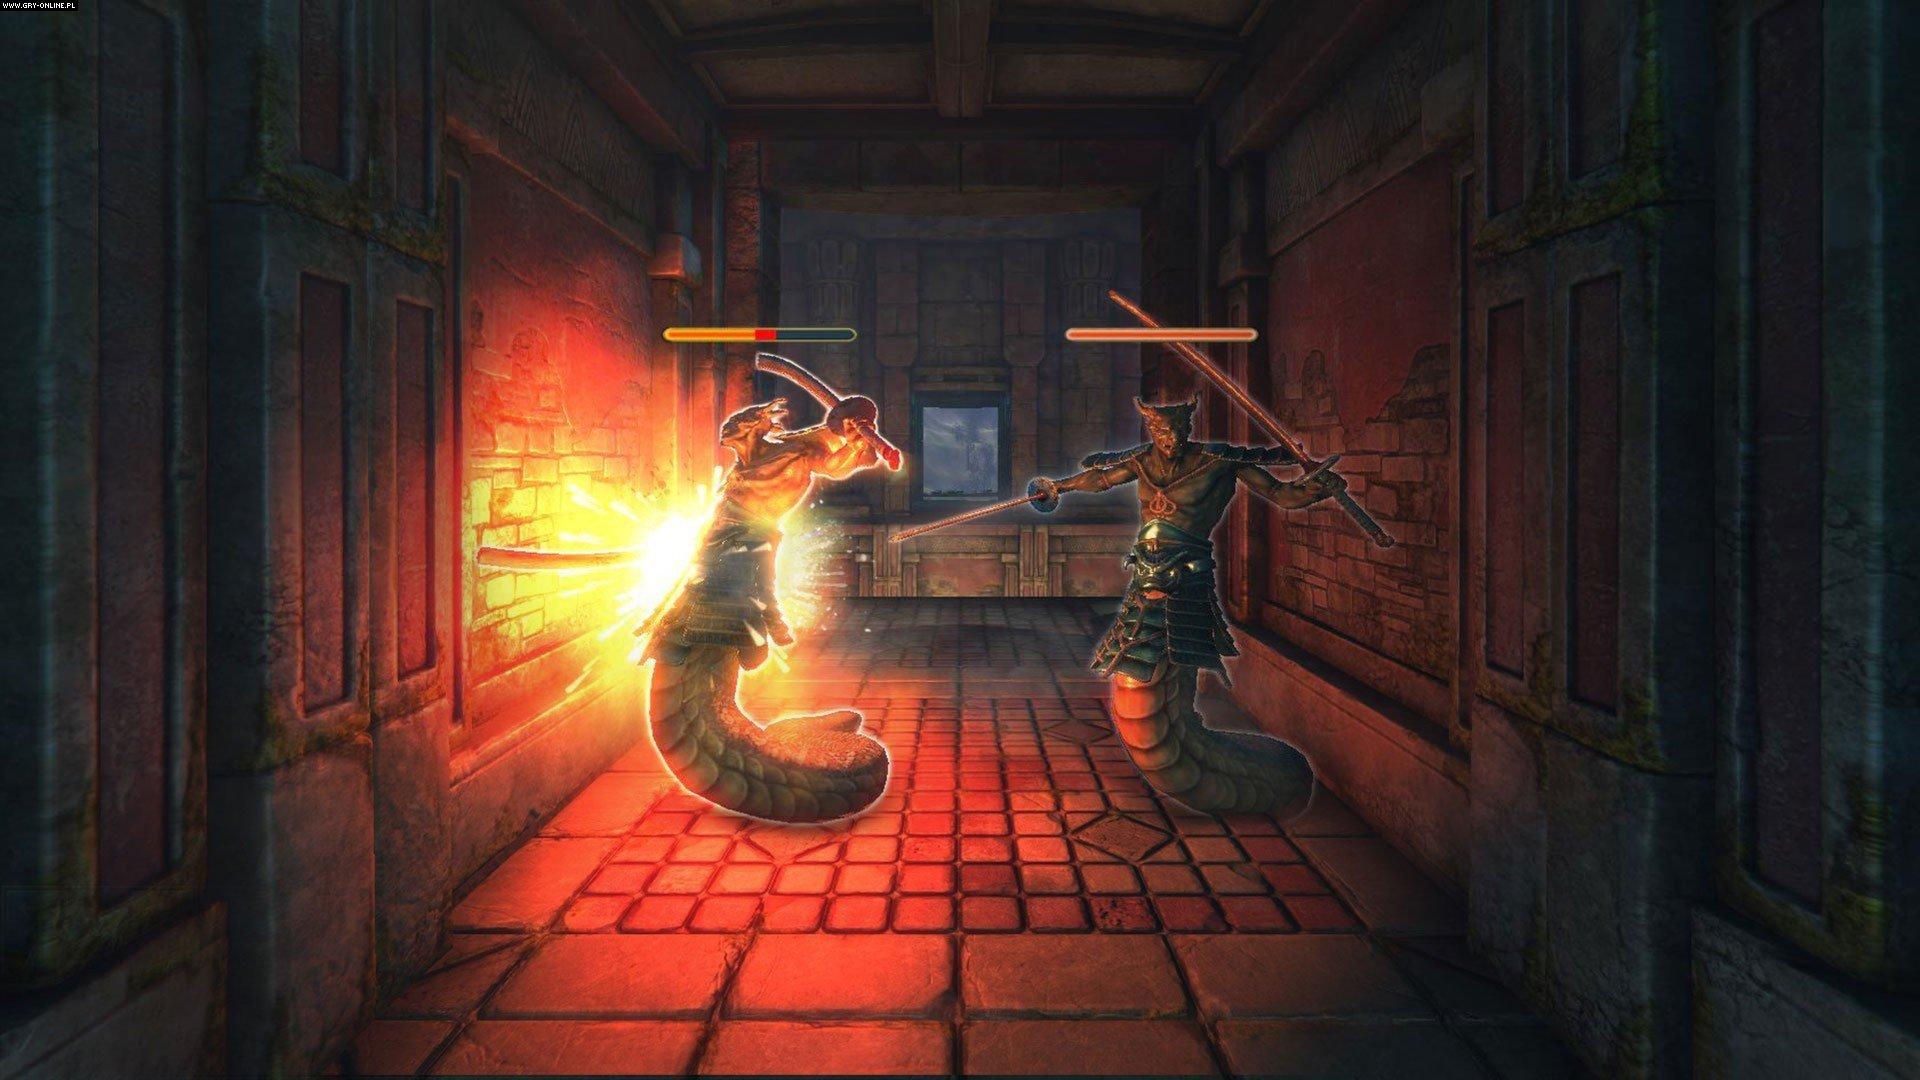 画质提升,魔法门10惊喜太少:比如魔法门vii(7),一开始走向水井访问,就得到1000金币.然后有一个可以得到权杖的npc.这个还不至于有趣,更有趣的是以后可以触发怪物攻城的事件.让我们可以感到开发者的用心.核心功能没开发:魔法门6-7-8玩家的流星雨的搭配神级魔法.此作中竟然没有?可能10的视觉模式太固定了,但是非常期待11中会出现.